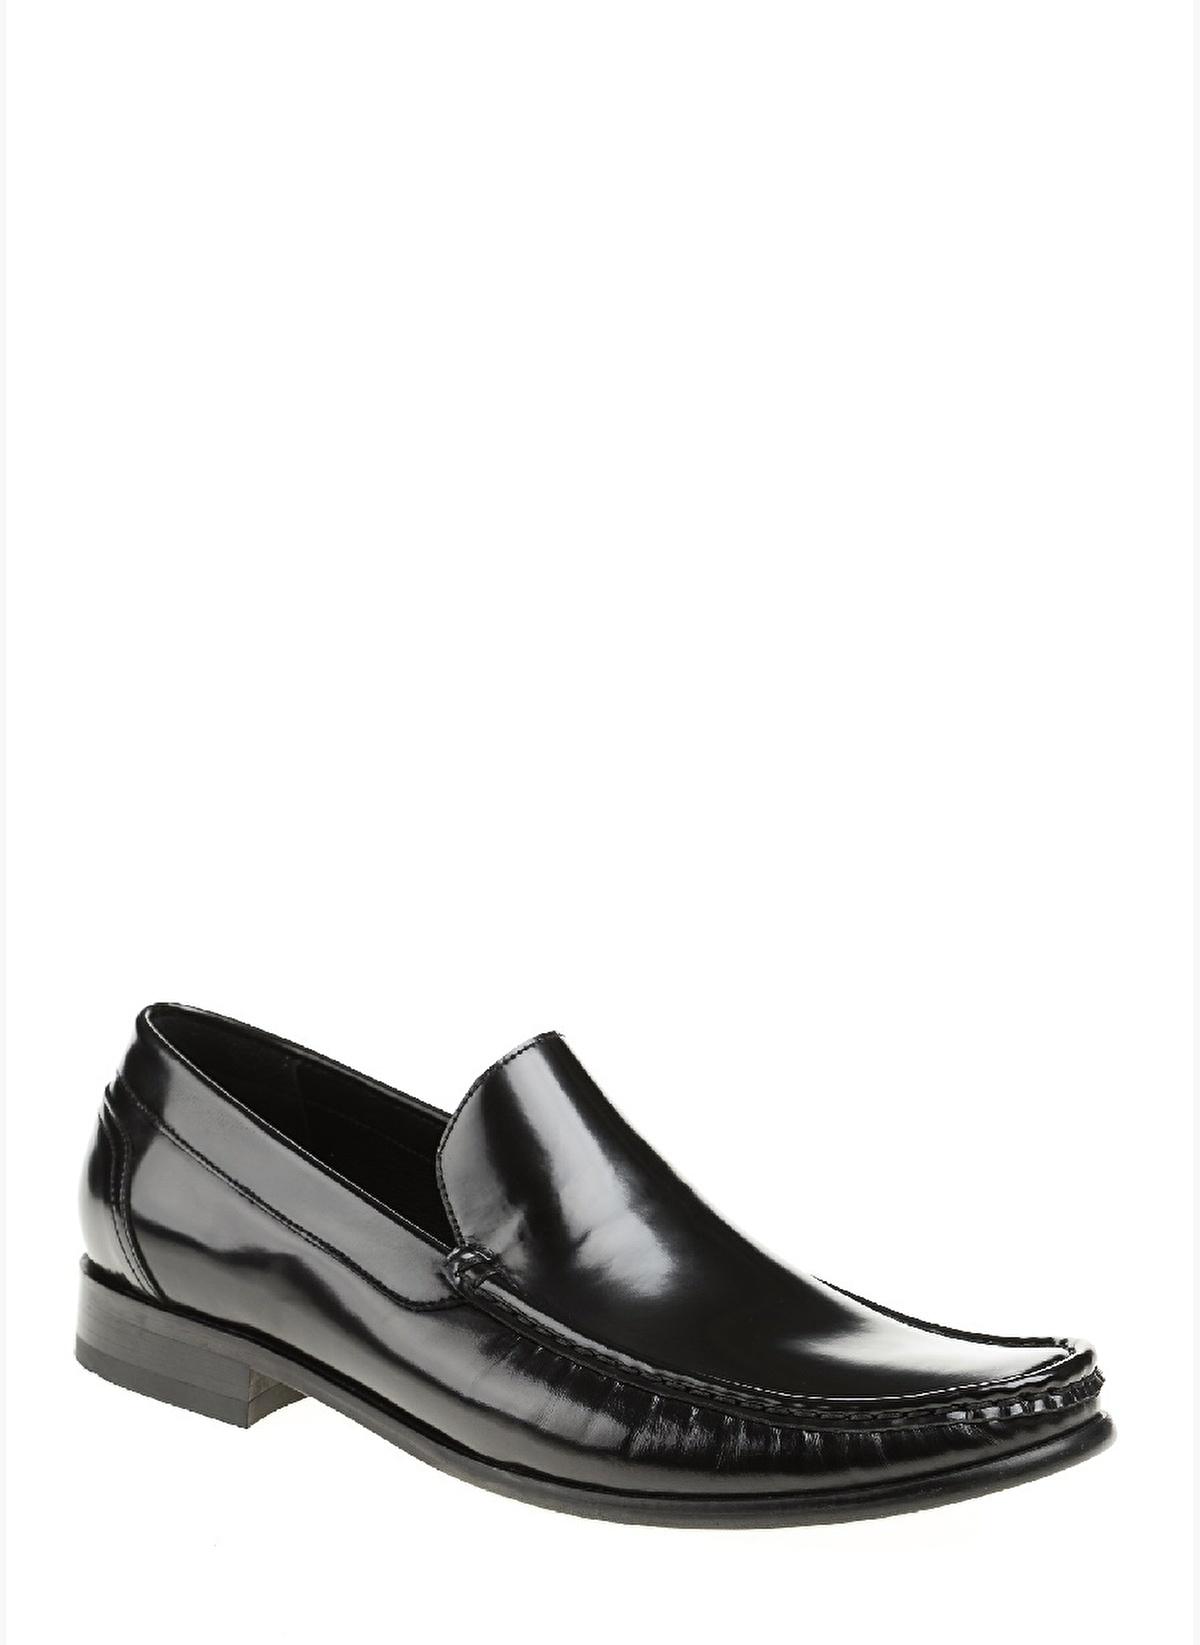 Divarese %100 Deri Klasik Ayakkabı 5019536-e-loafer – 239.0 TL